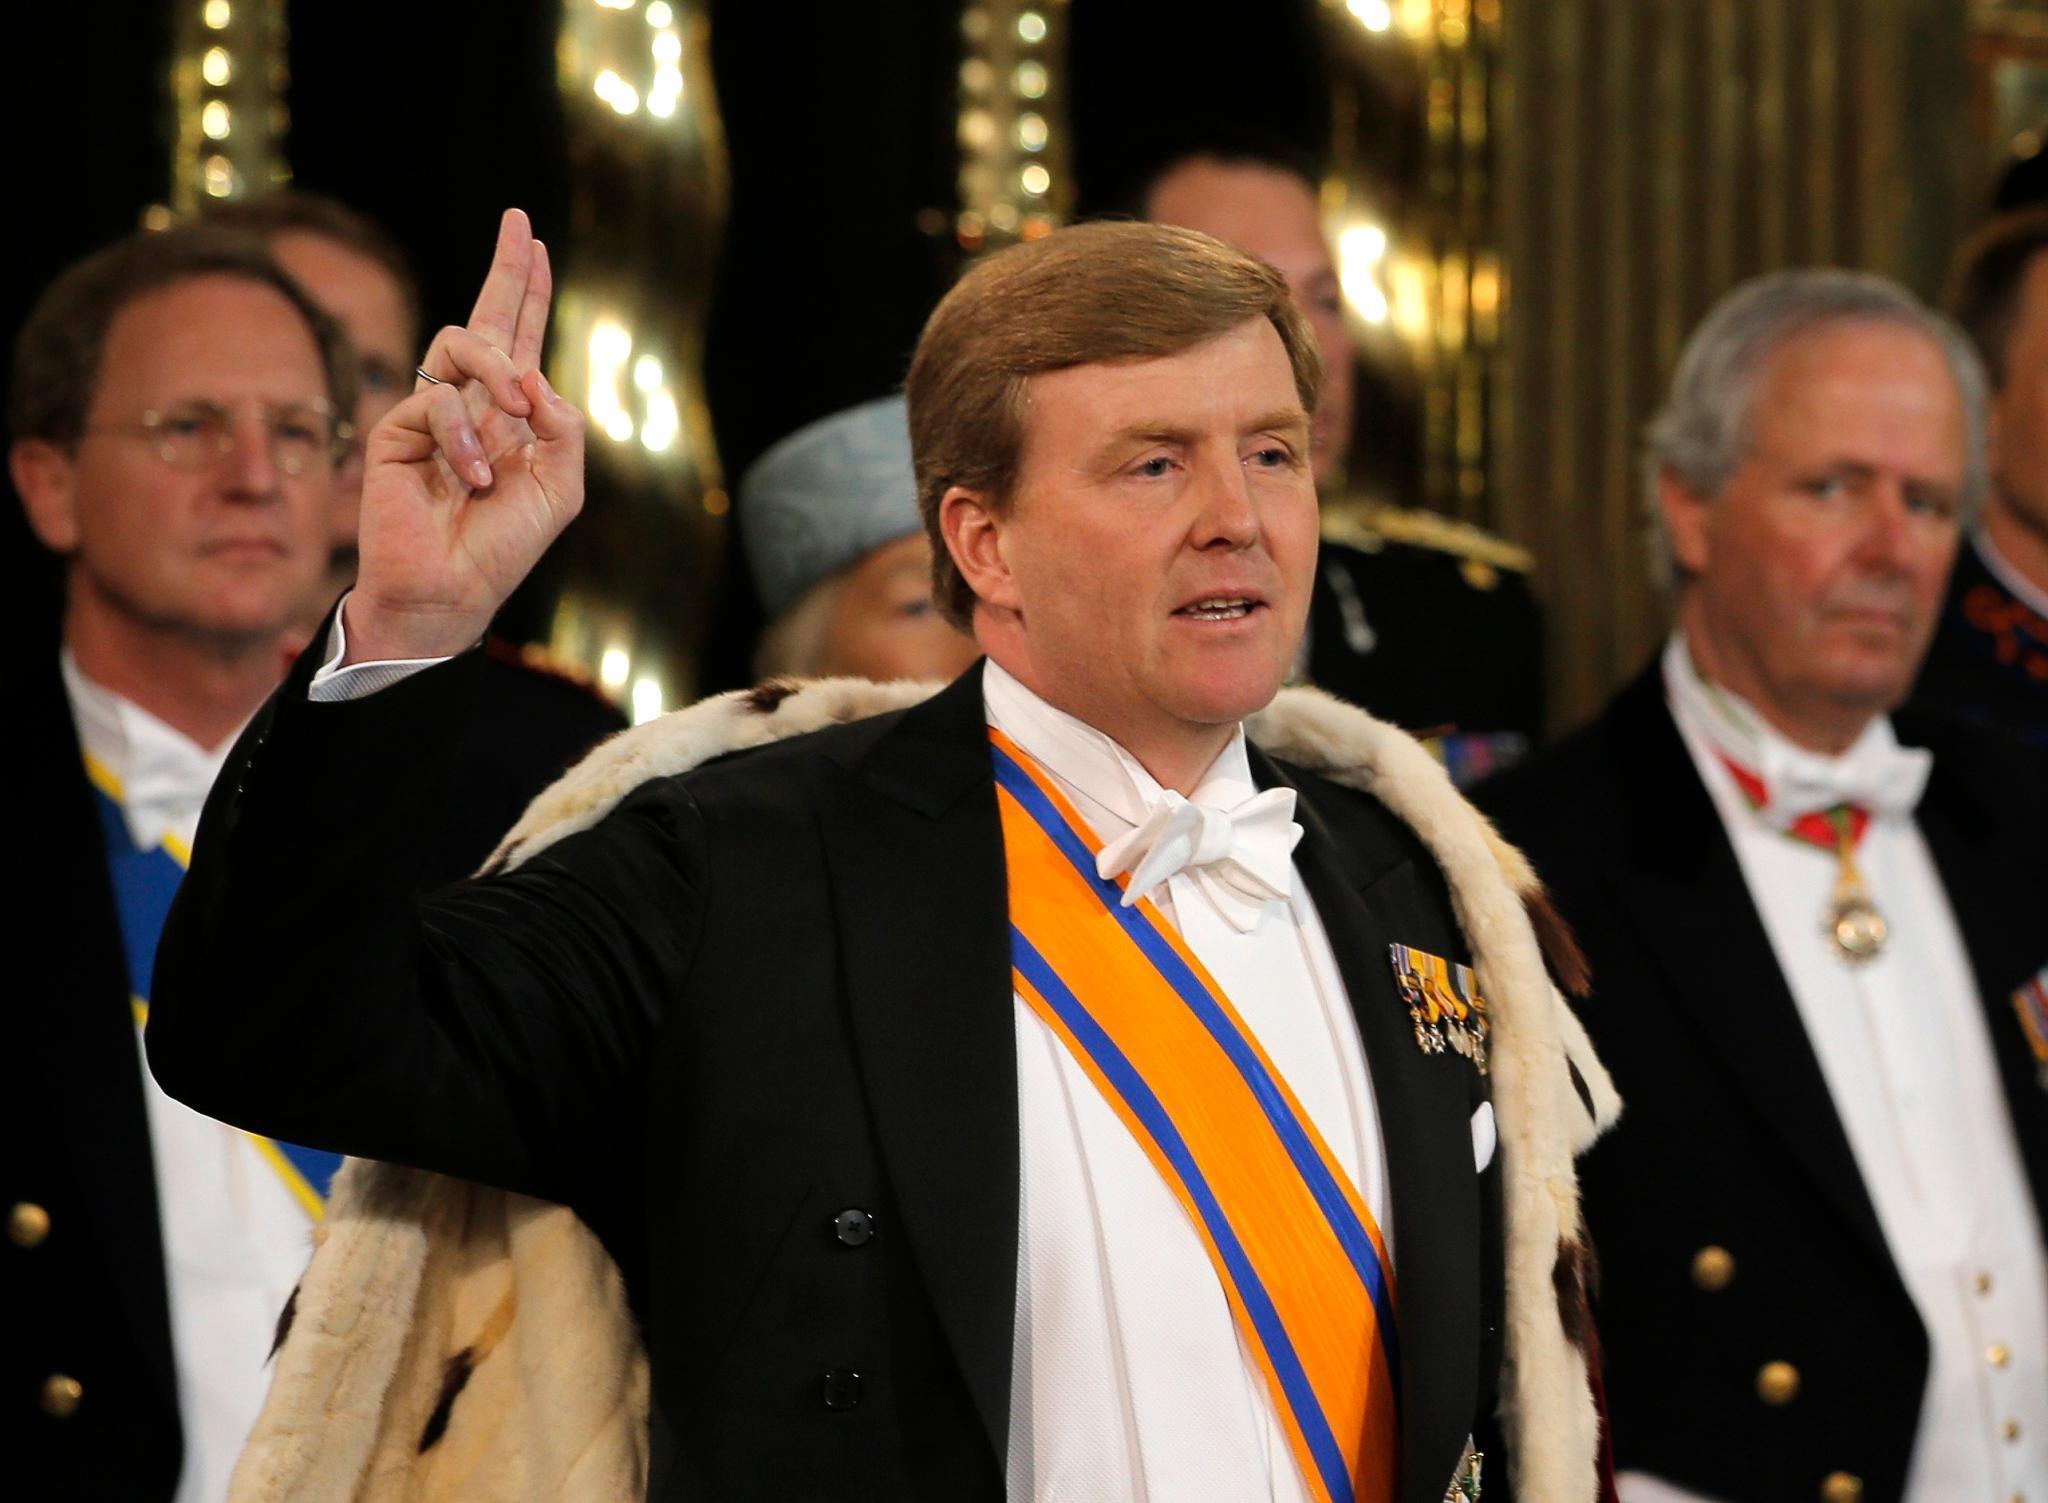 König Willem-Alexander schwört den Eid auf die Verfassung.